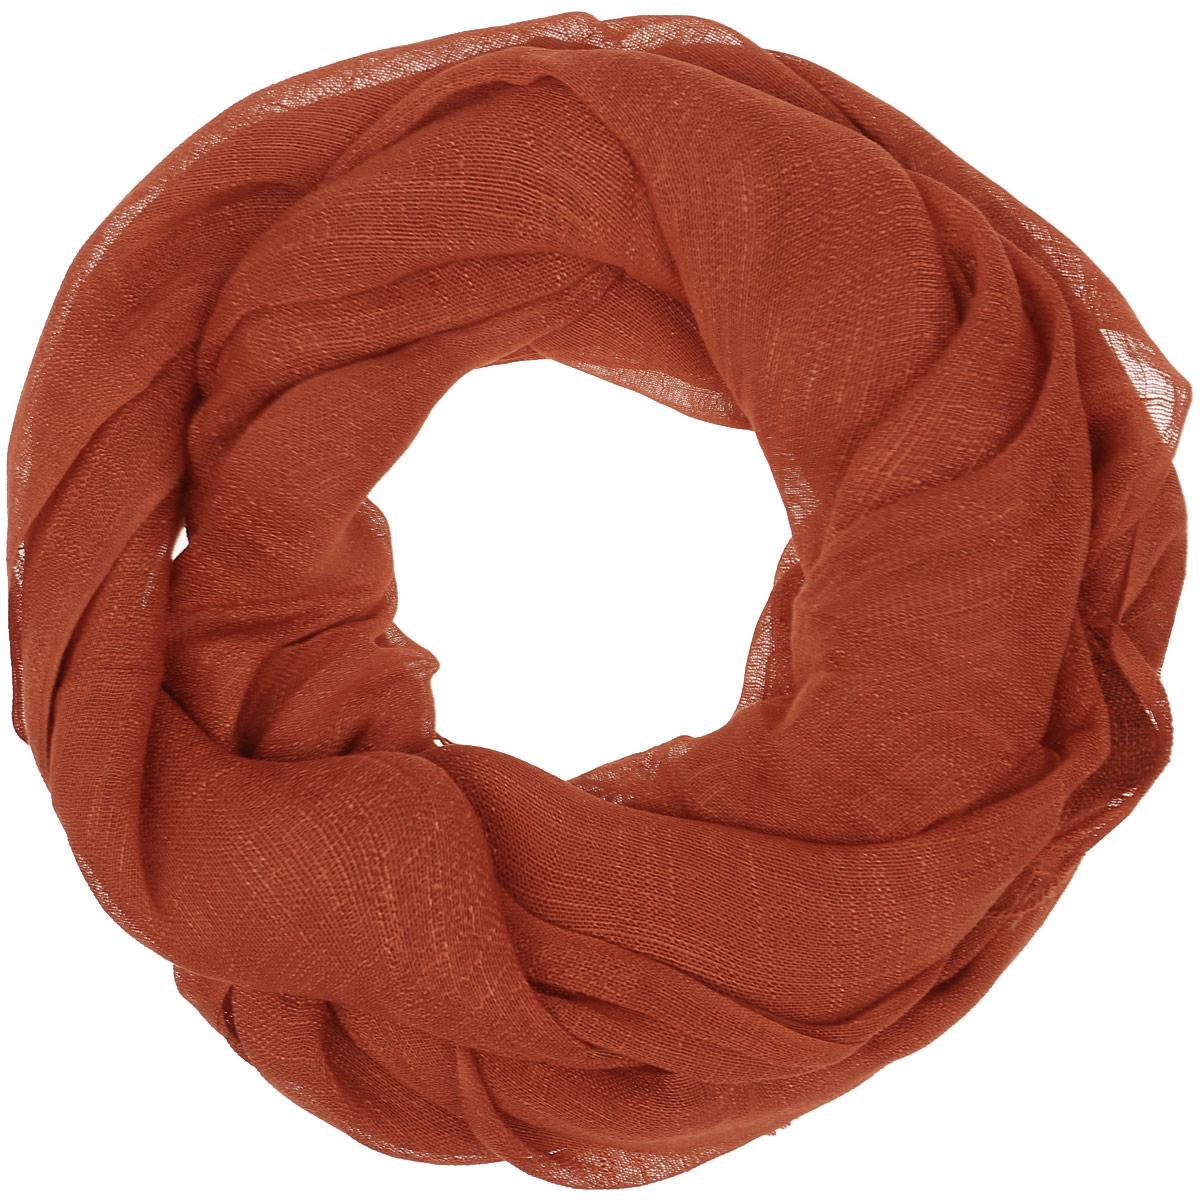 Палантин Vita Pelle, цвет: красный. Ro02P135S/82. Размер 62 см х 175 смRo02P135S/82Палантин от Vita Pelle изготовлен изо льна и вискозы. Края изделия дополнены бахромой.